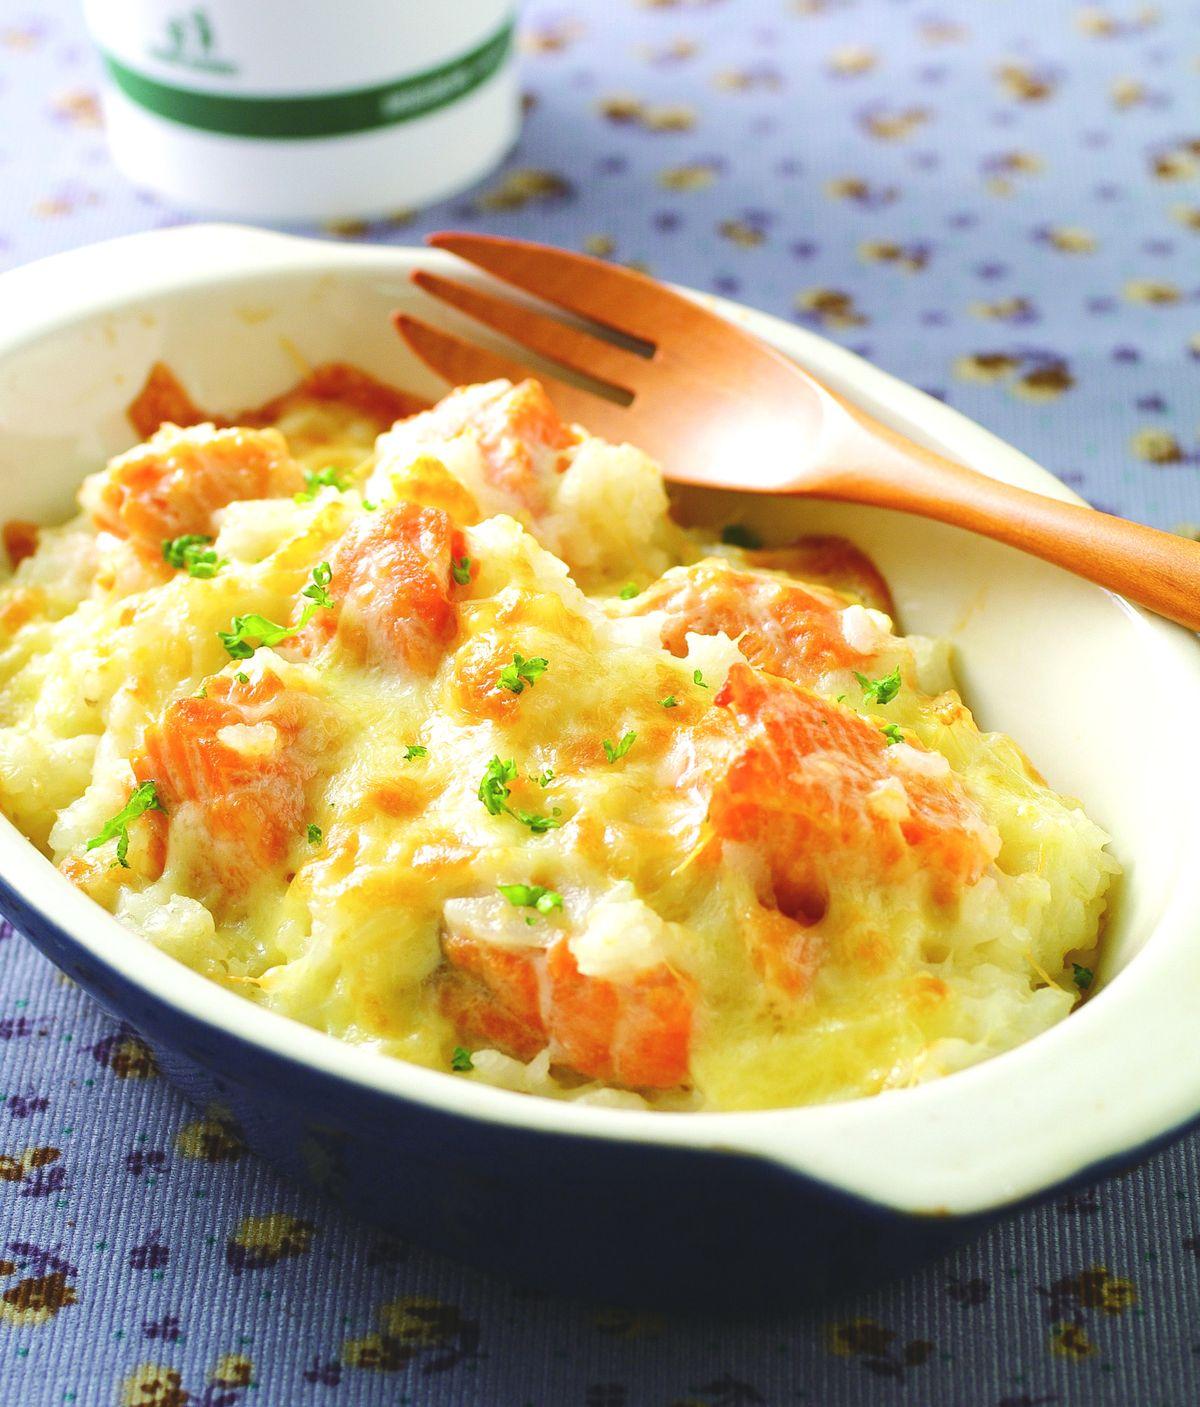 食譜:奶油鮭魚焗飯